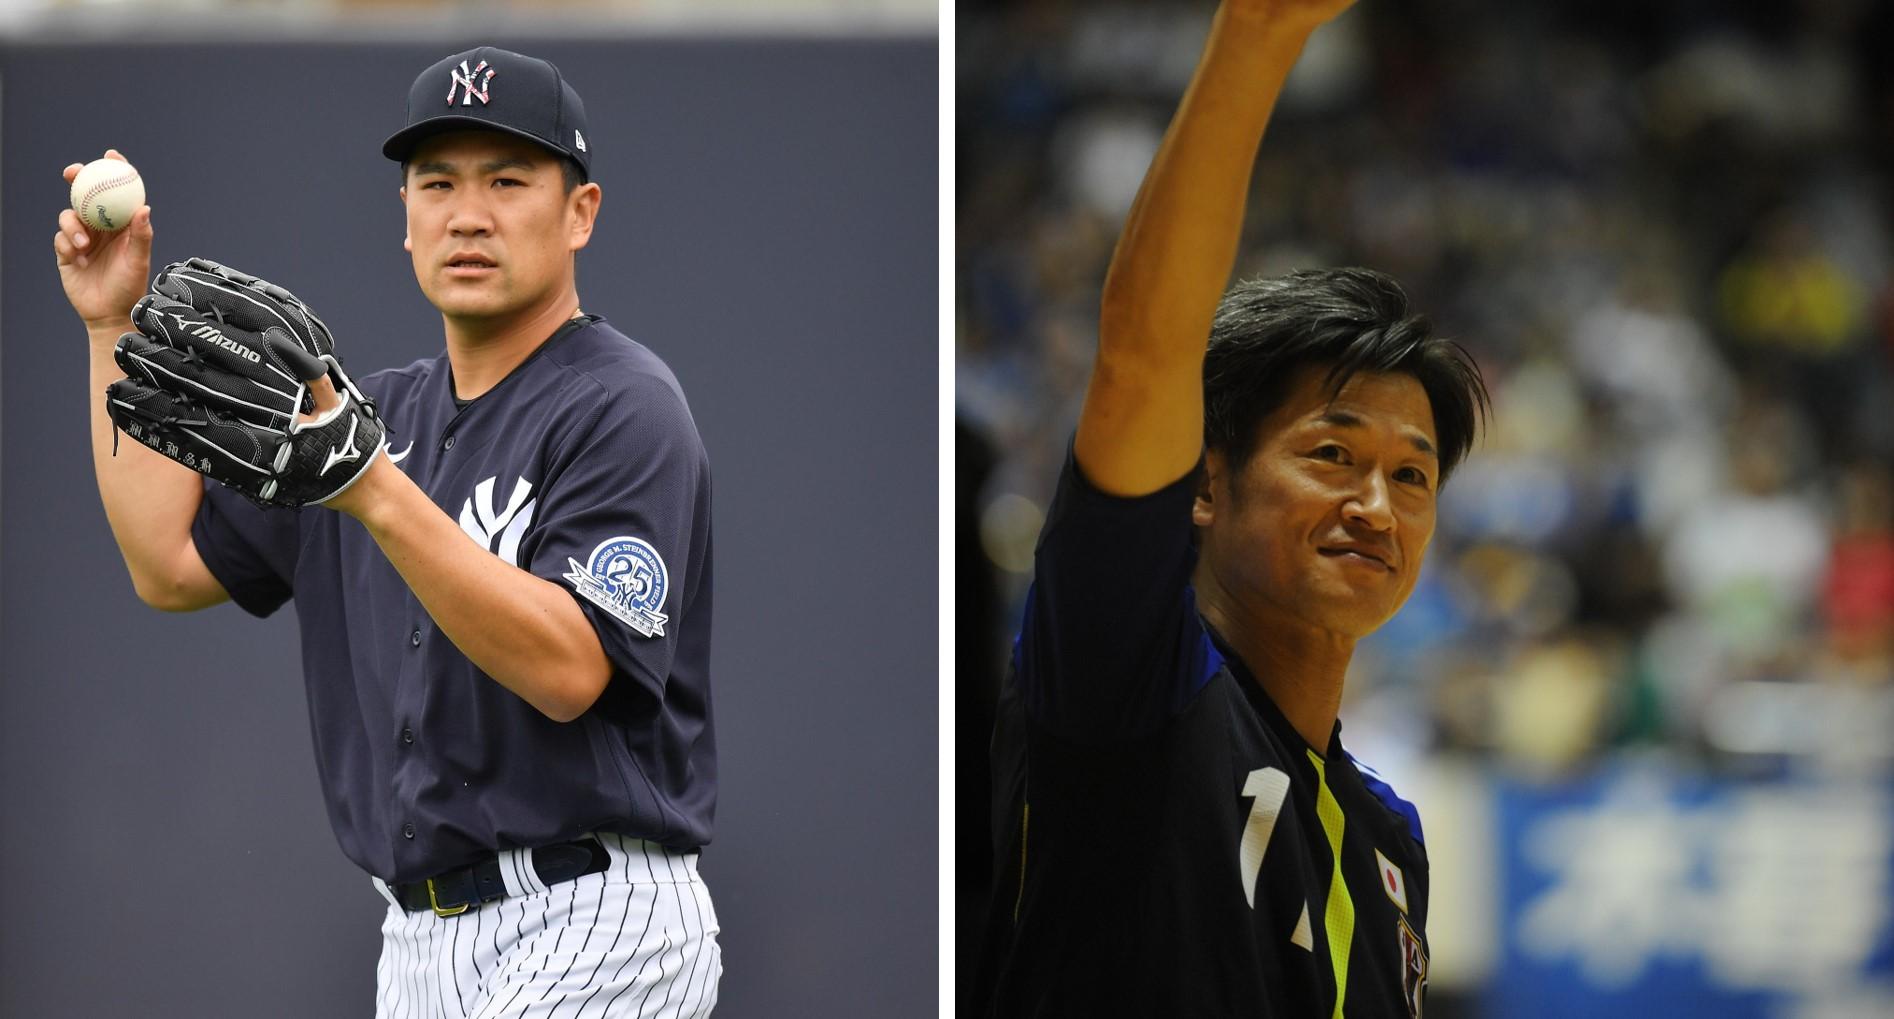 三浦知良、田中将大が「神様に選ばれた試合」に出演 伝説の試合を振り返る  画像